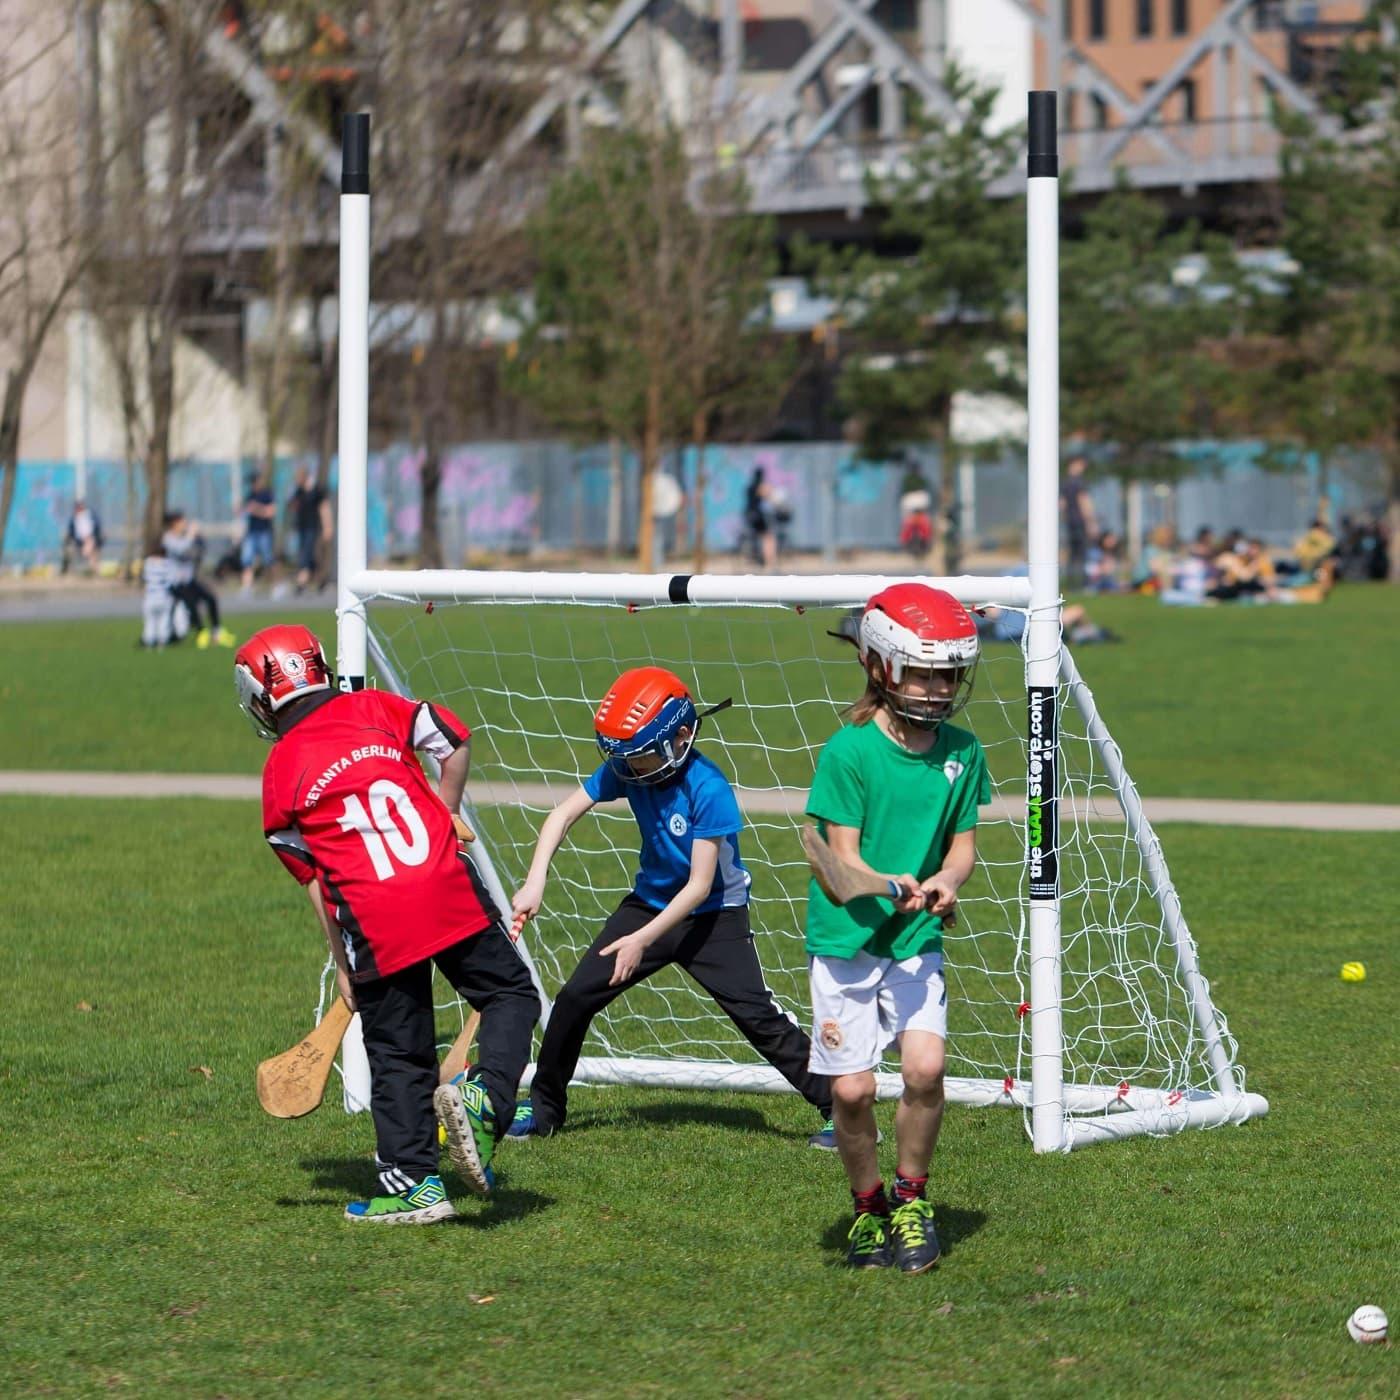 Hurling vorm Tor: Gaelic Games in Berlin // HIMBEER